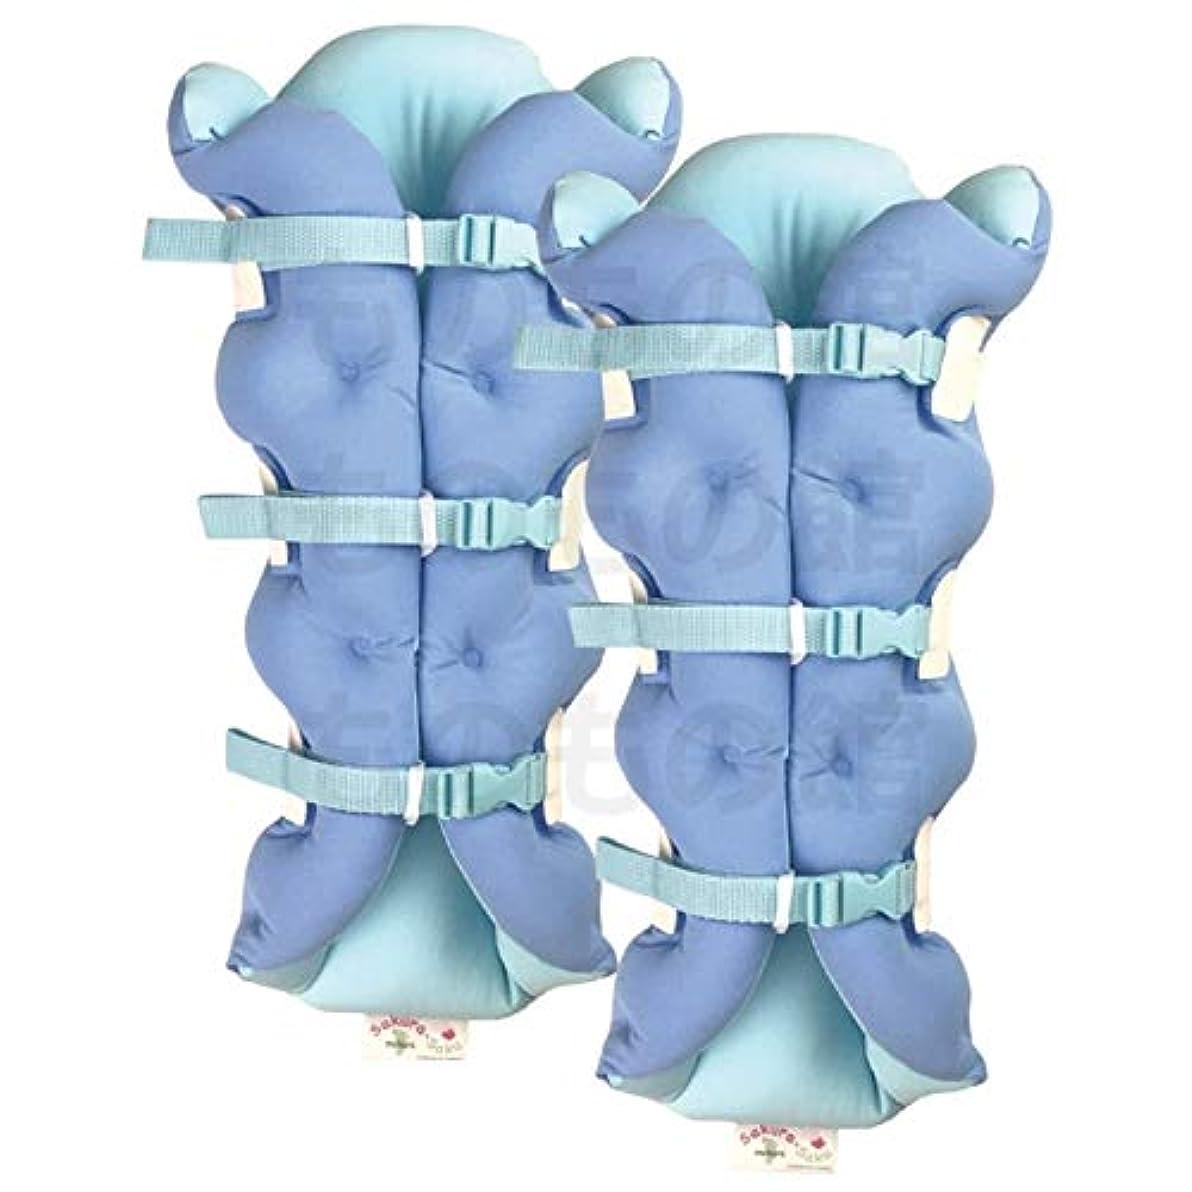 アシュリータファーマン差し迫った完全にサクラ咲く足まくら EVOLUTION (両足セット) ブルー